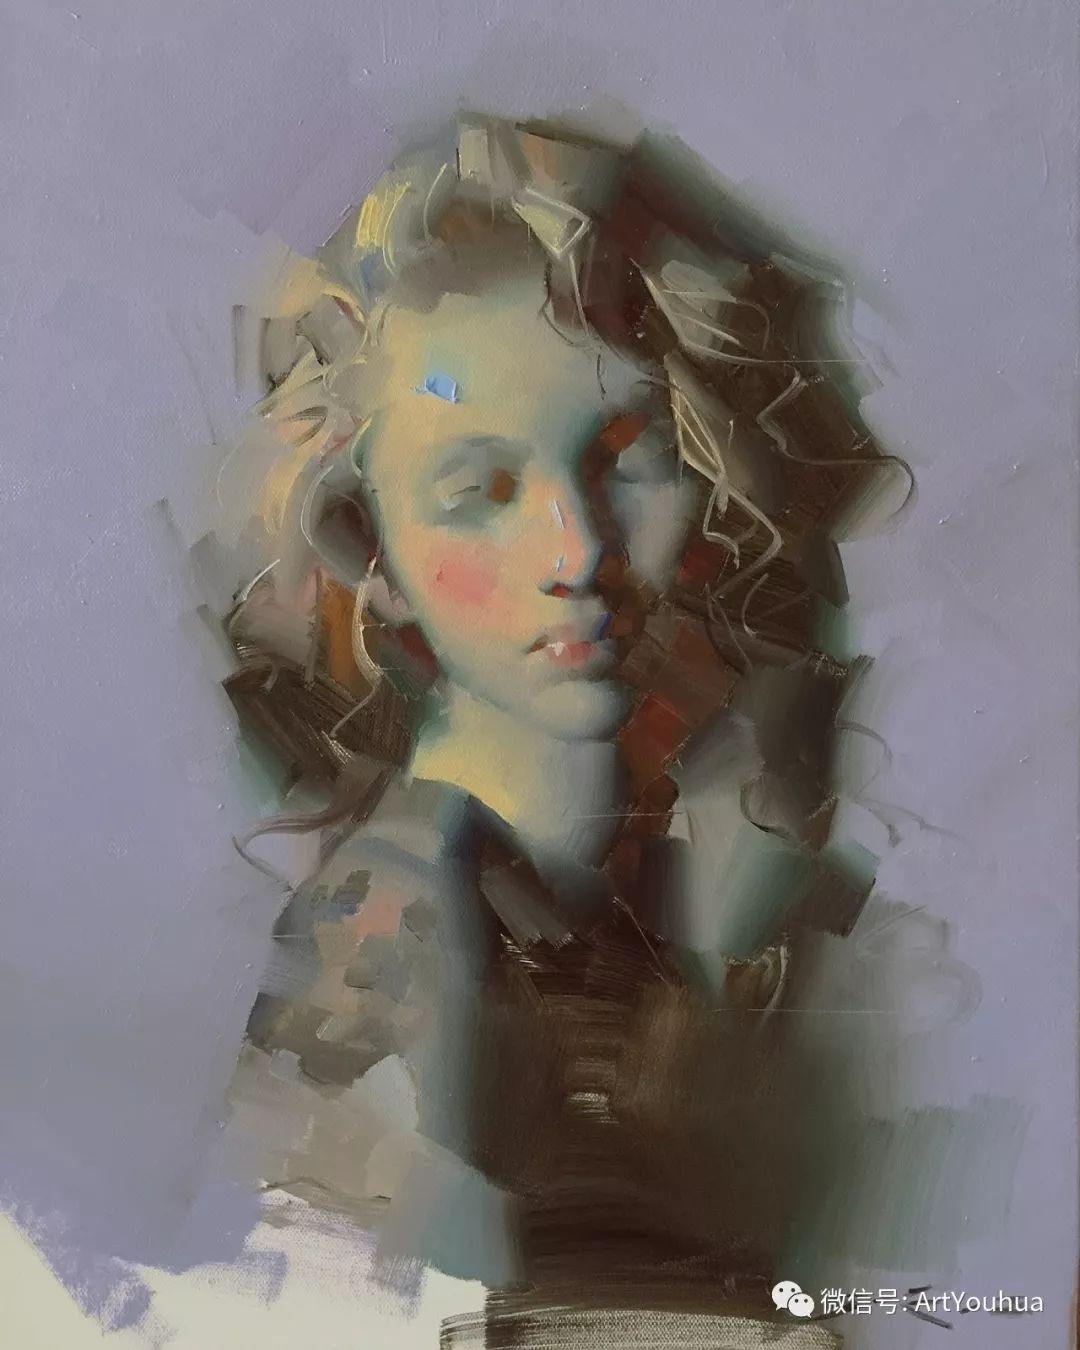 他的人物肖像绘画独具一格 还是位80后画家插图1